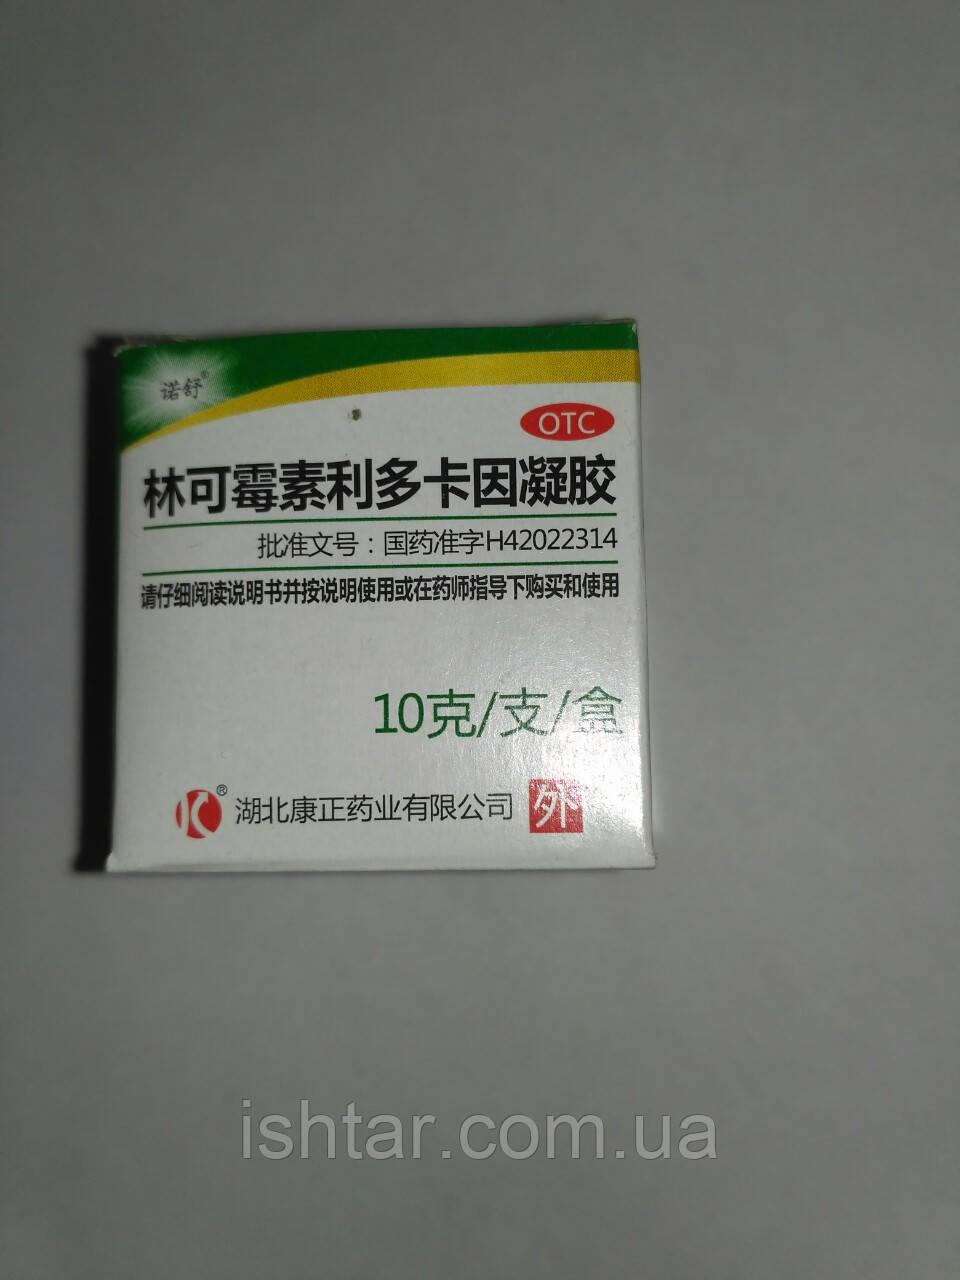 Китайская зелёнка Антисептический гель 10 гр.